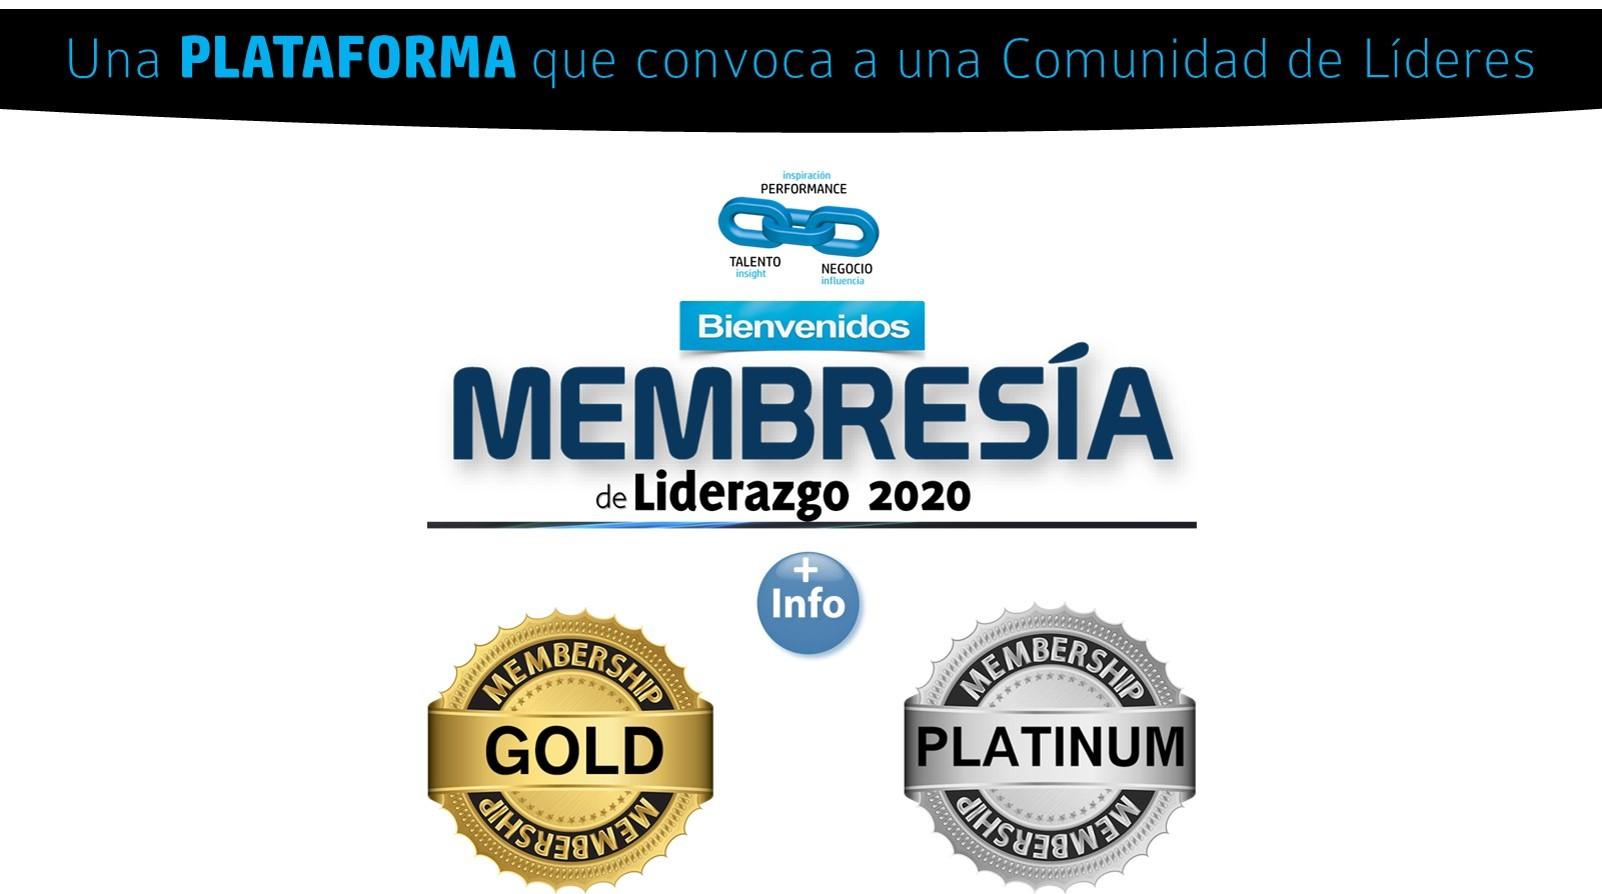 Membresia de Liderazgo 2020